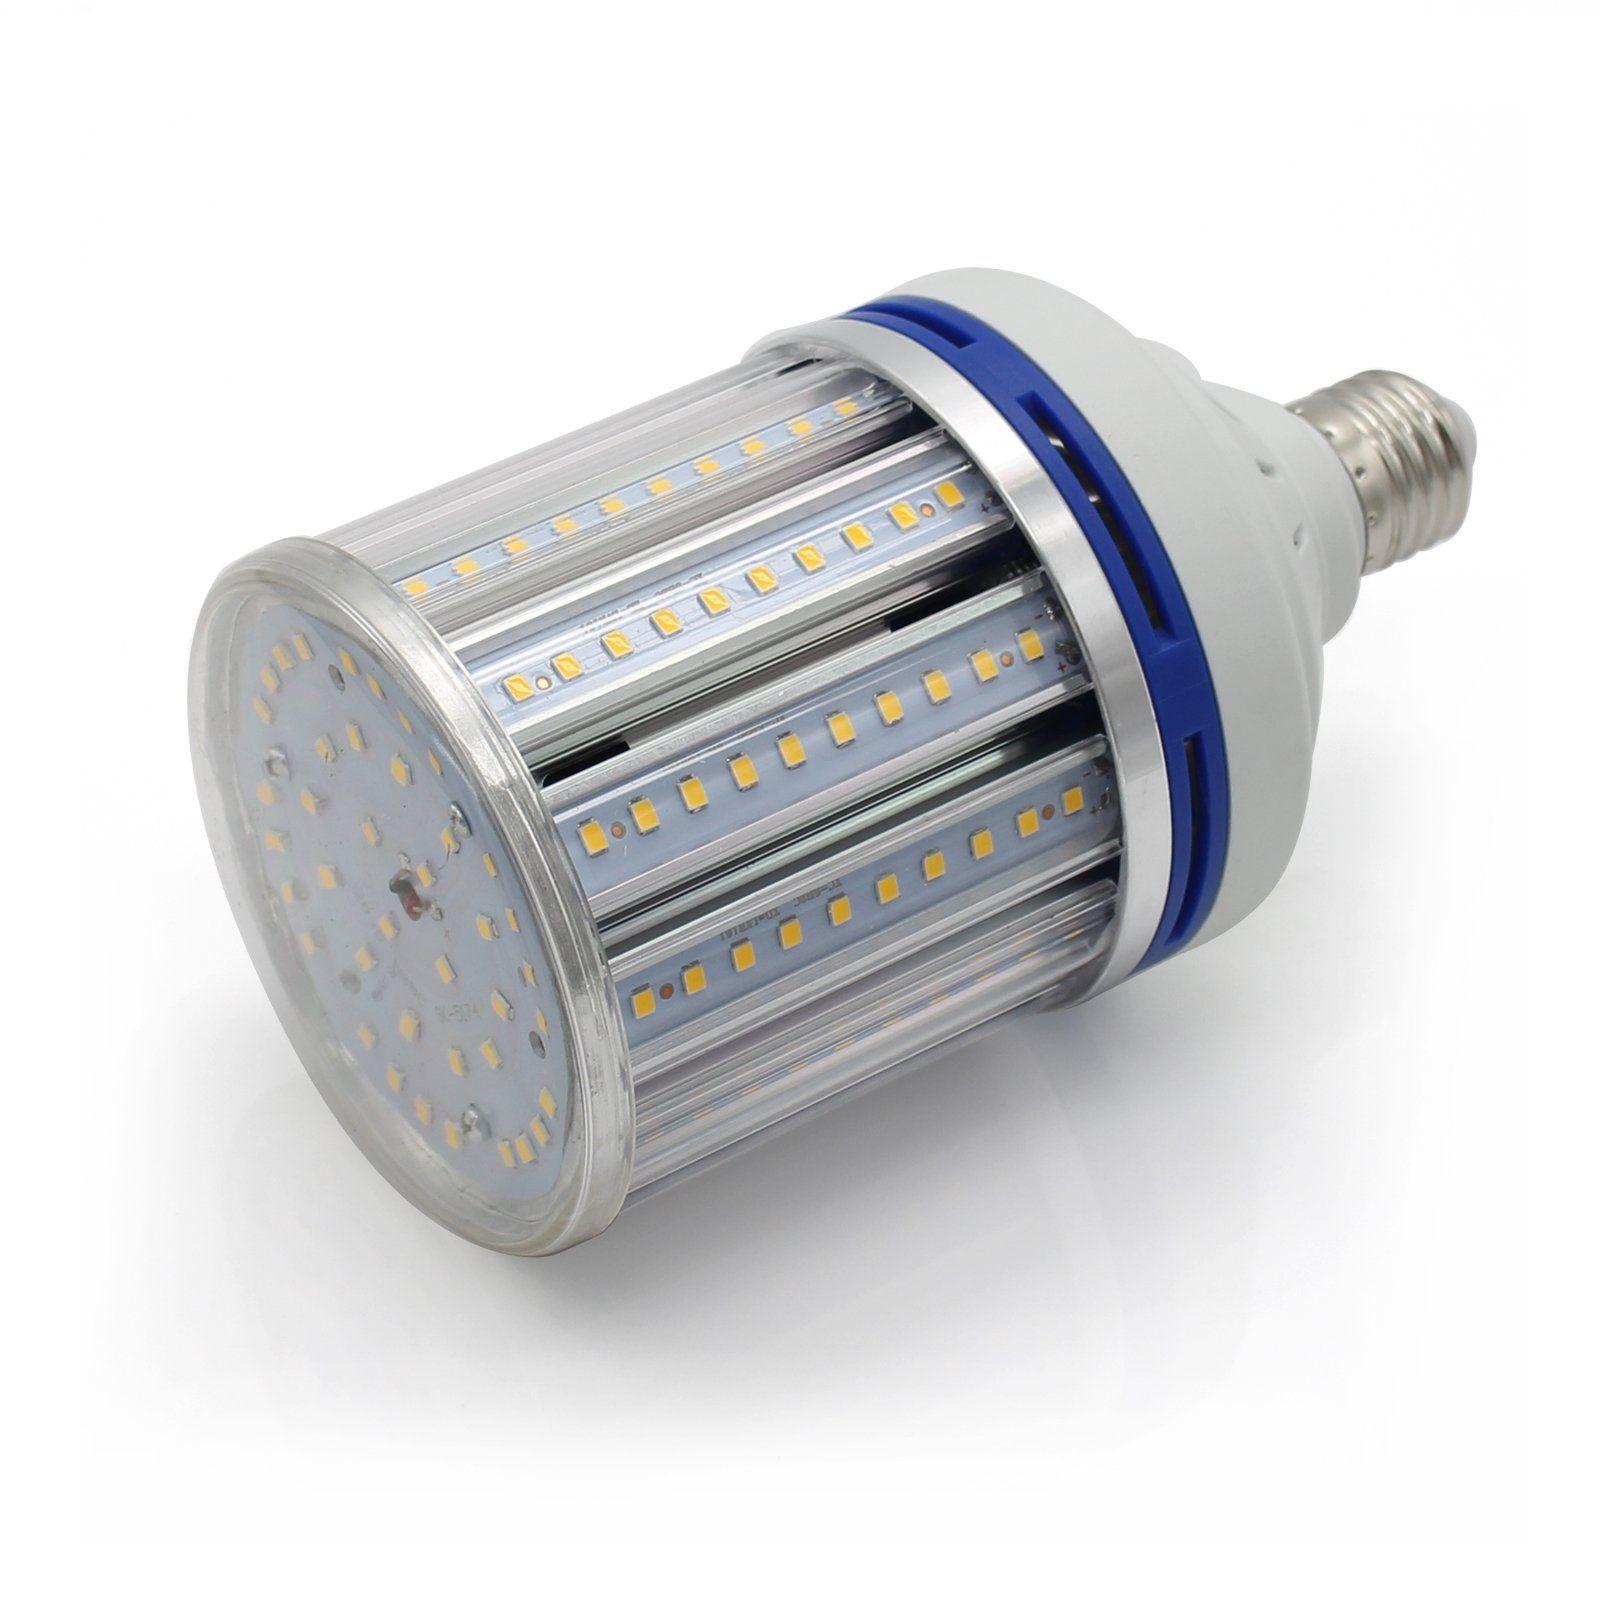 Mininono Ultra Bright Led Bulb Warm White 3000k Medium Edison E26 E27 Base 30w Commercial Retrofit Light Bulbs 250300 Watt Equi Led Bulb Light Bulb Light Bulbs